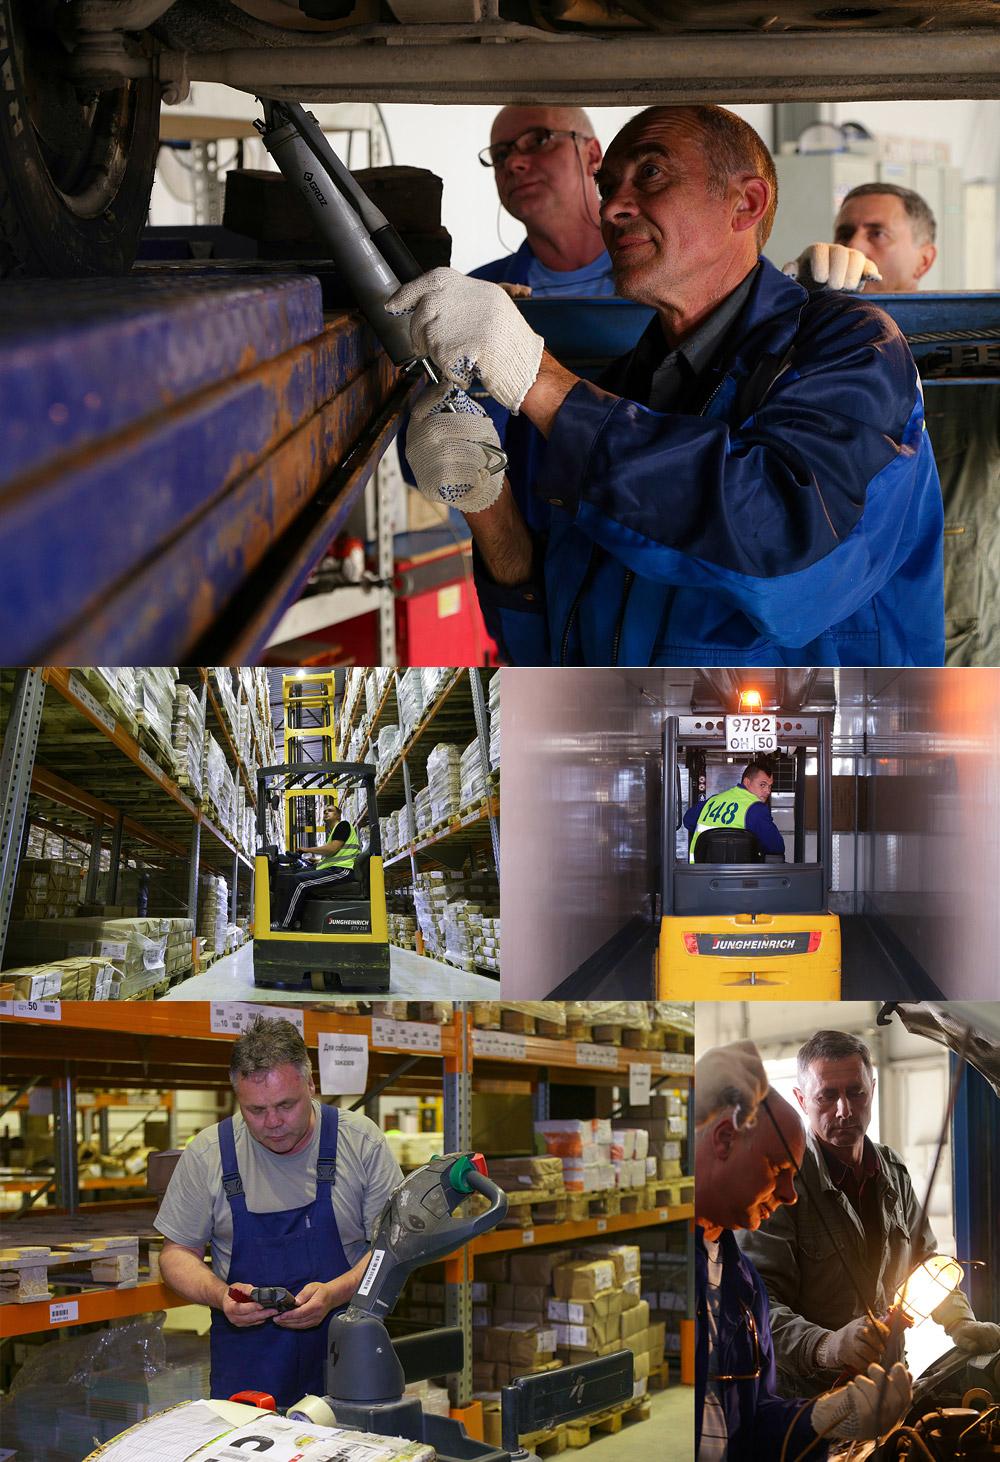 Фотосъемка работников (5 фото).